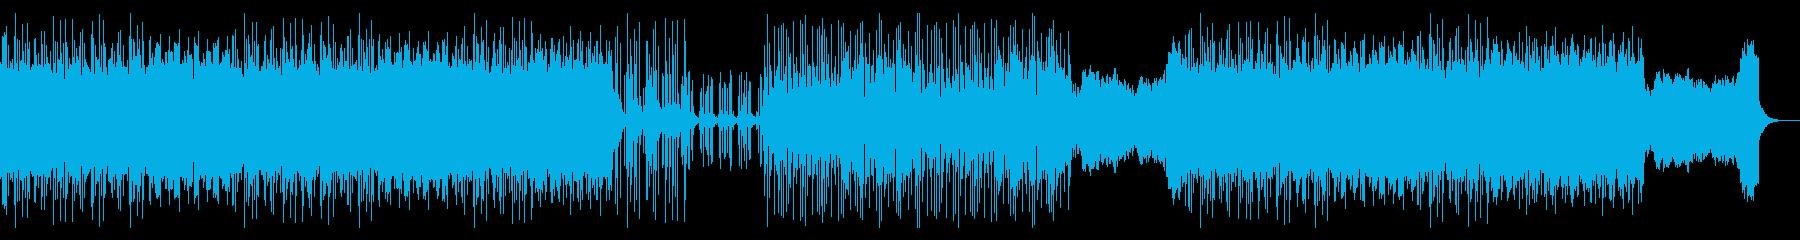 ウンチクを延々と語るちょっと怖いオタクの再生済みの波形